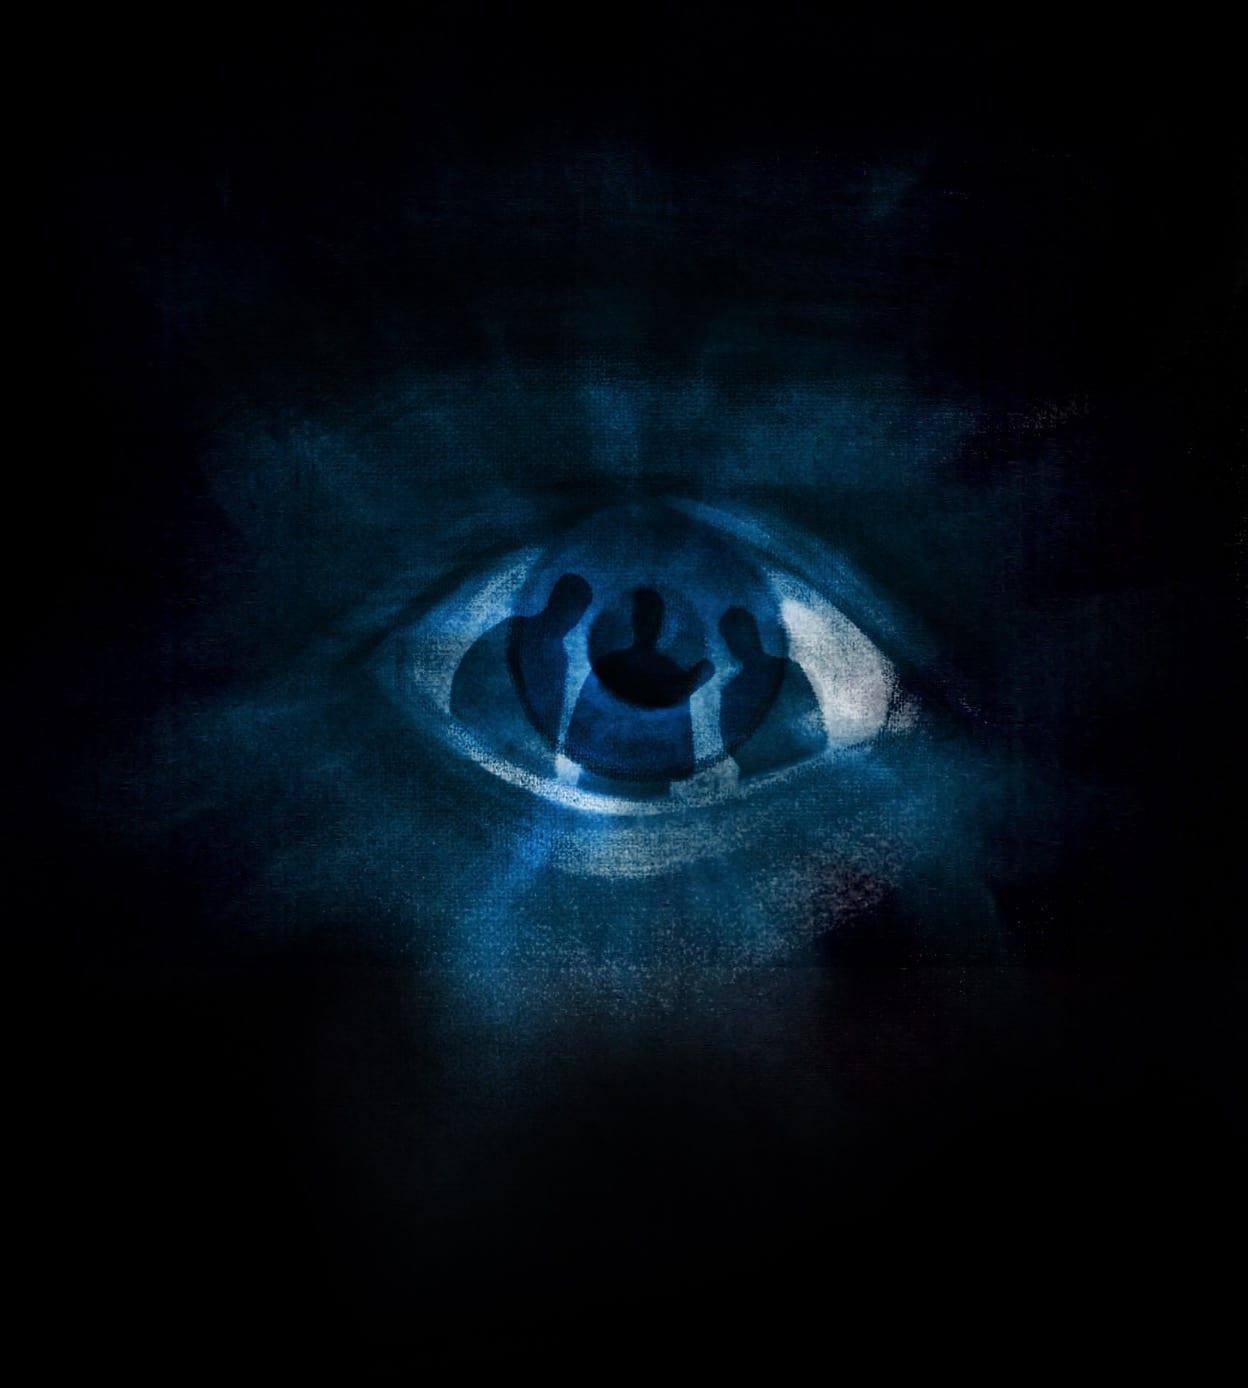 Eye Closeup Blue Burst.jpg